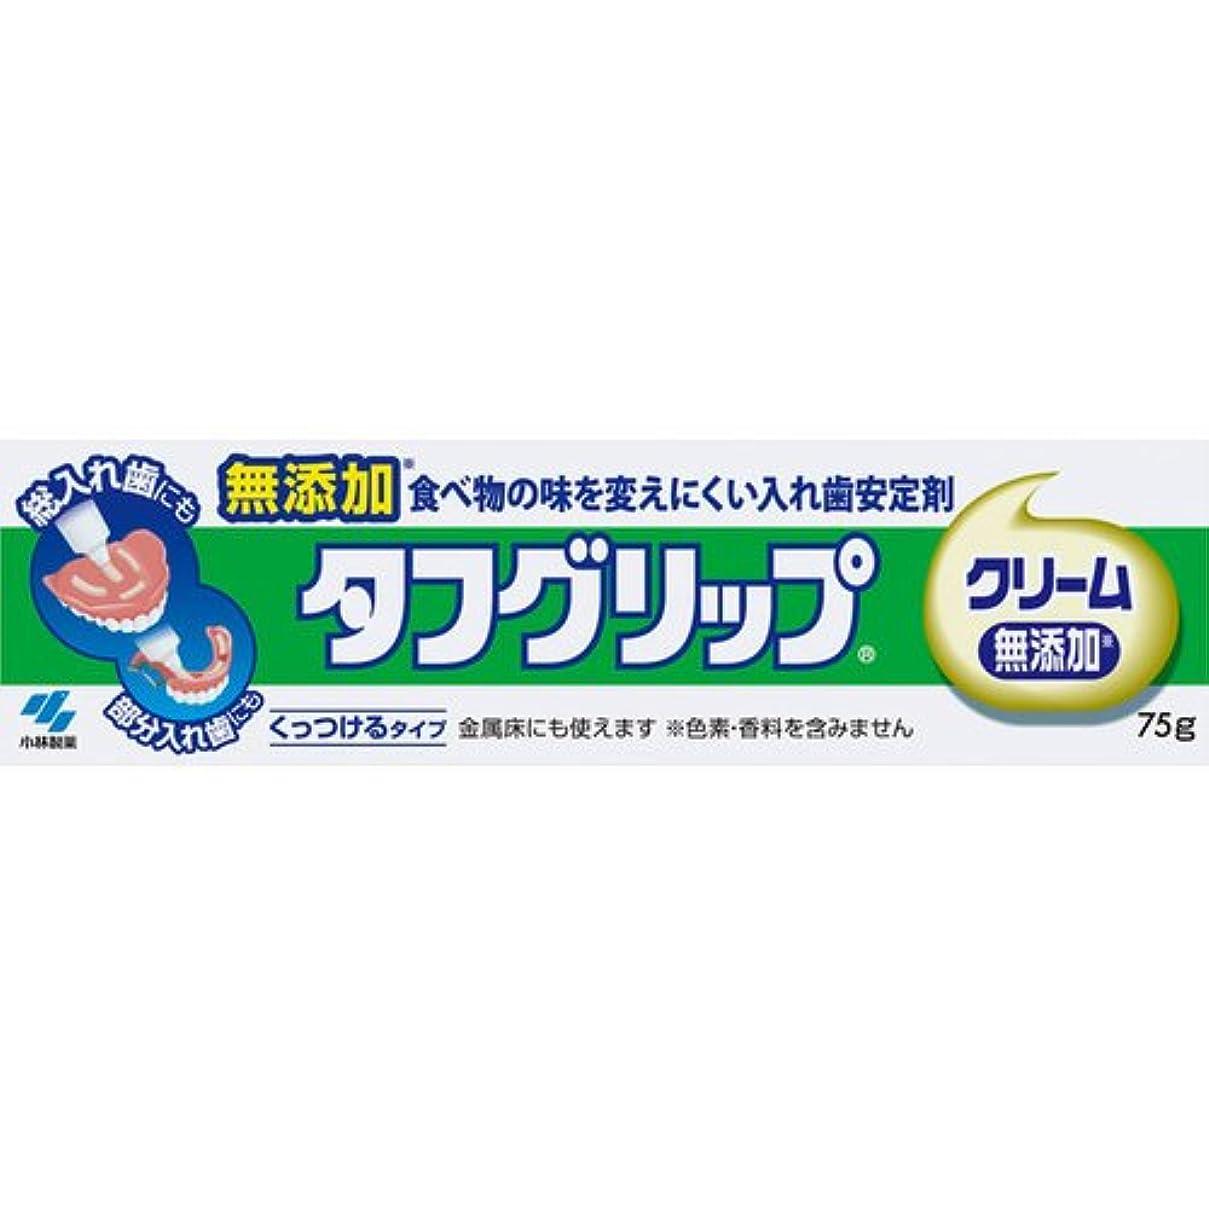 ベルマザーランド治す【小林製薬】タフグリップクリーム 無添加 75g